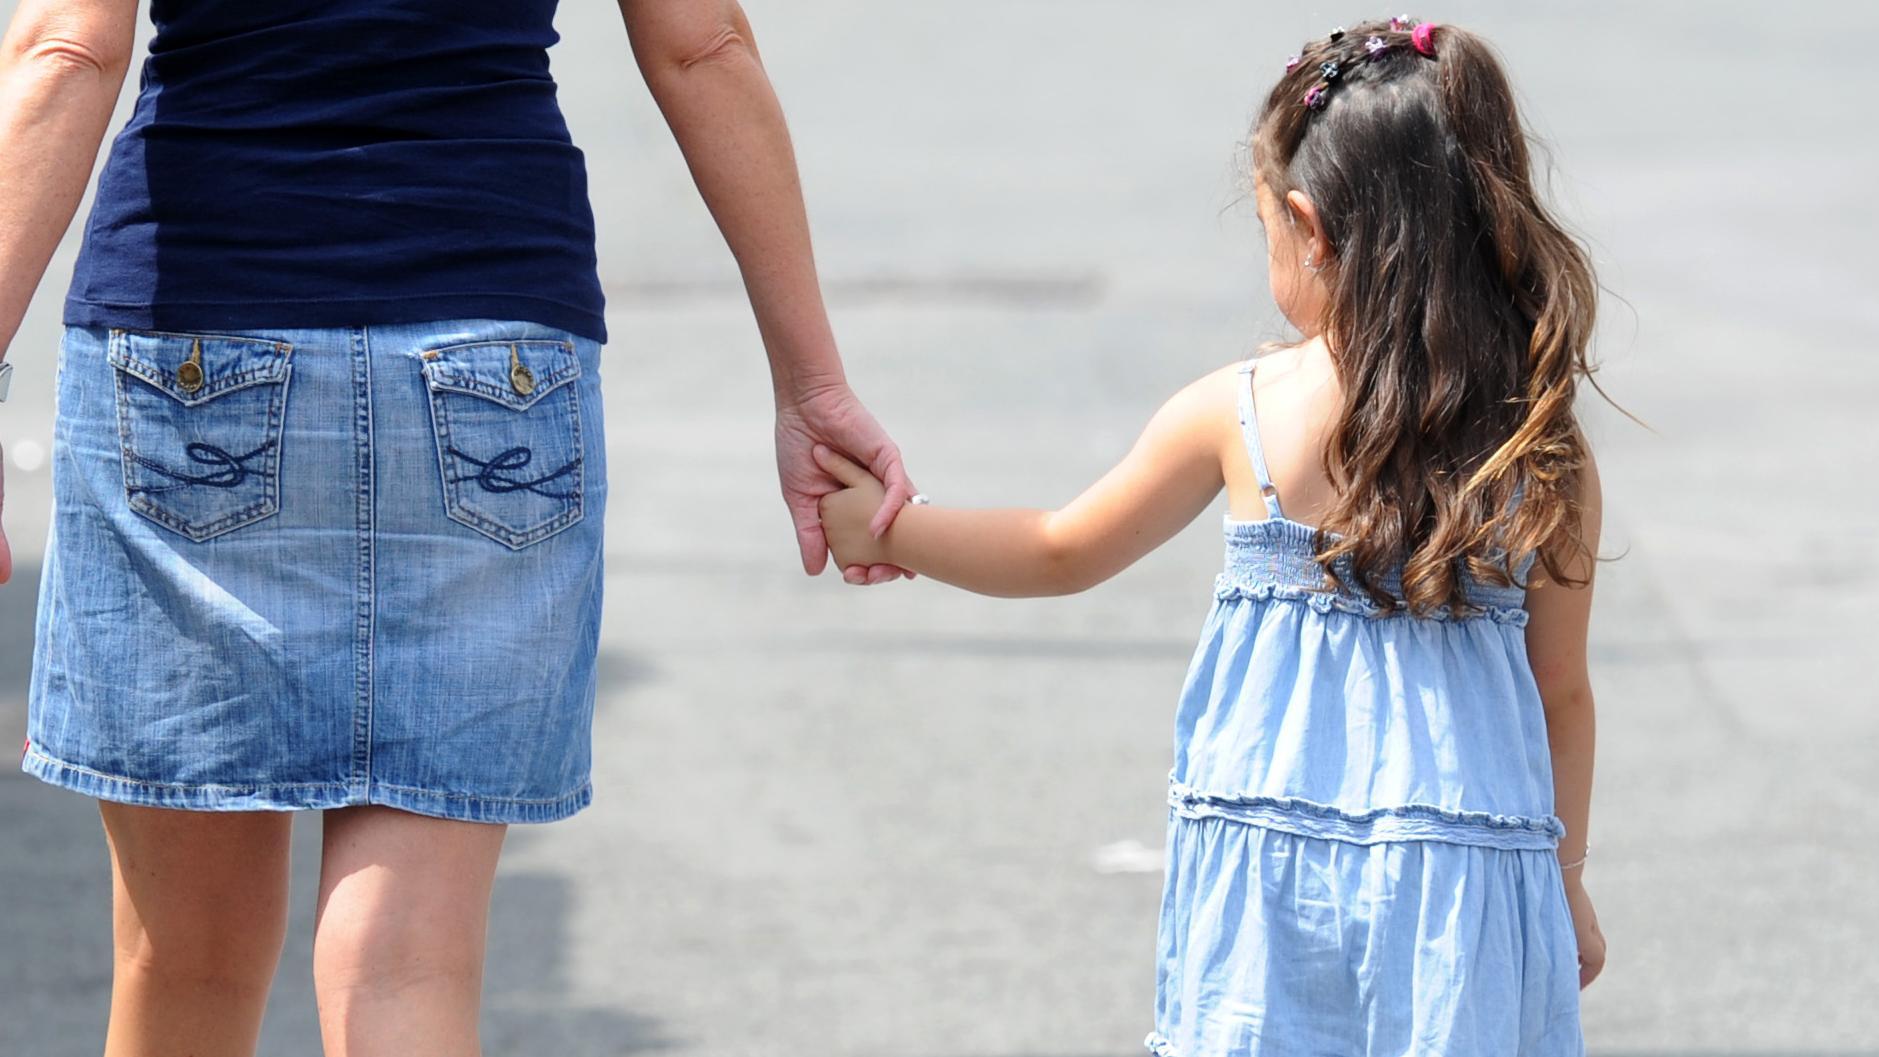 Frau mit Mädchen an der Hand